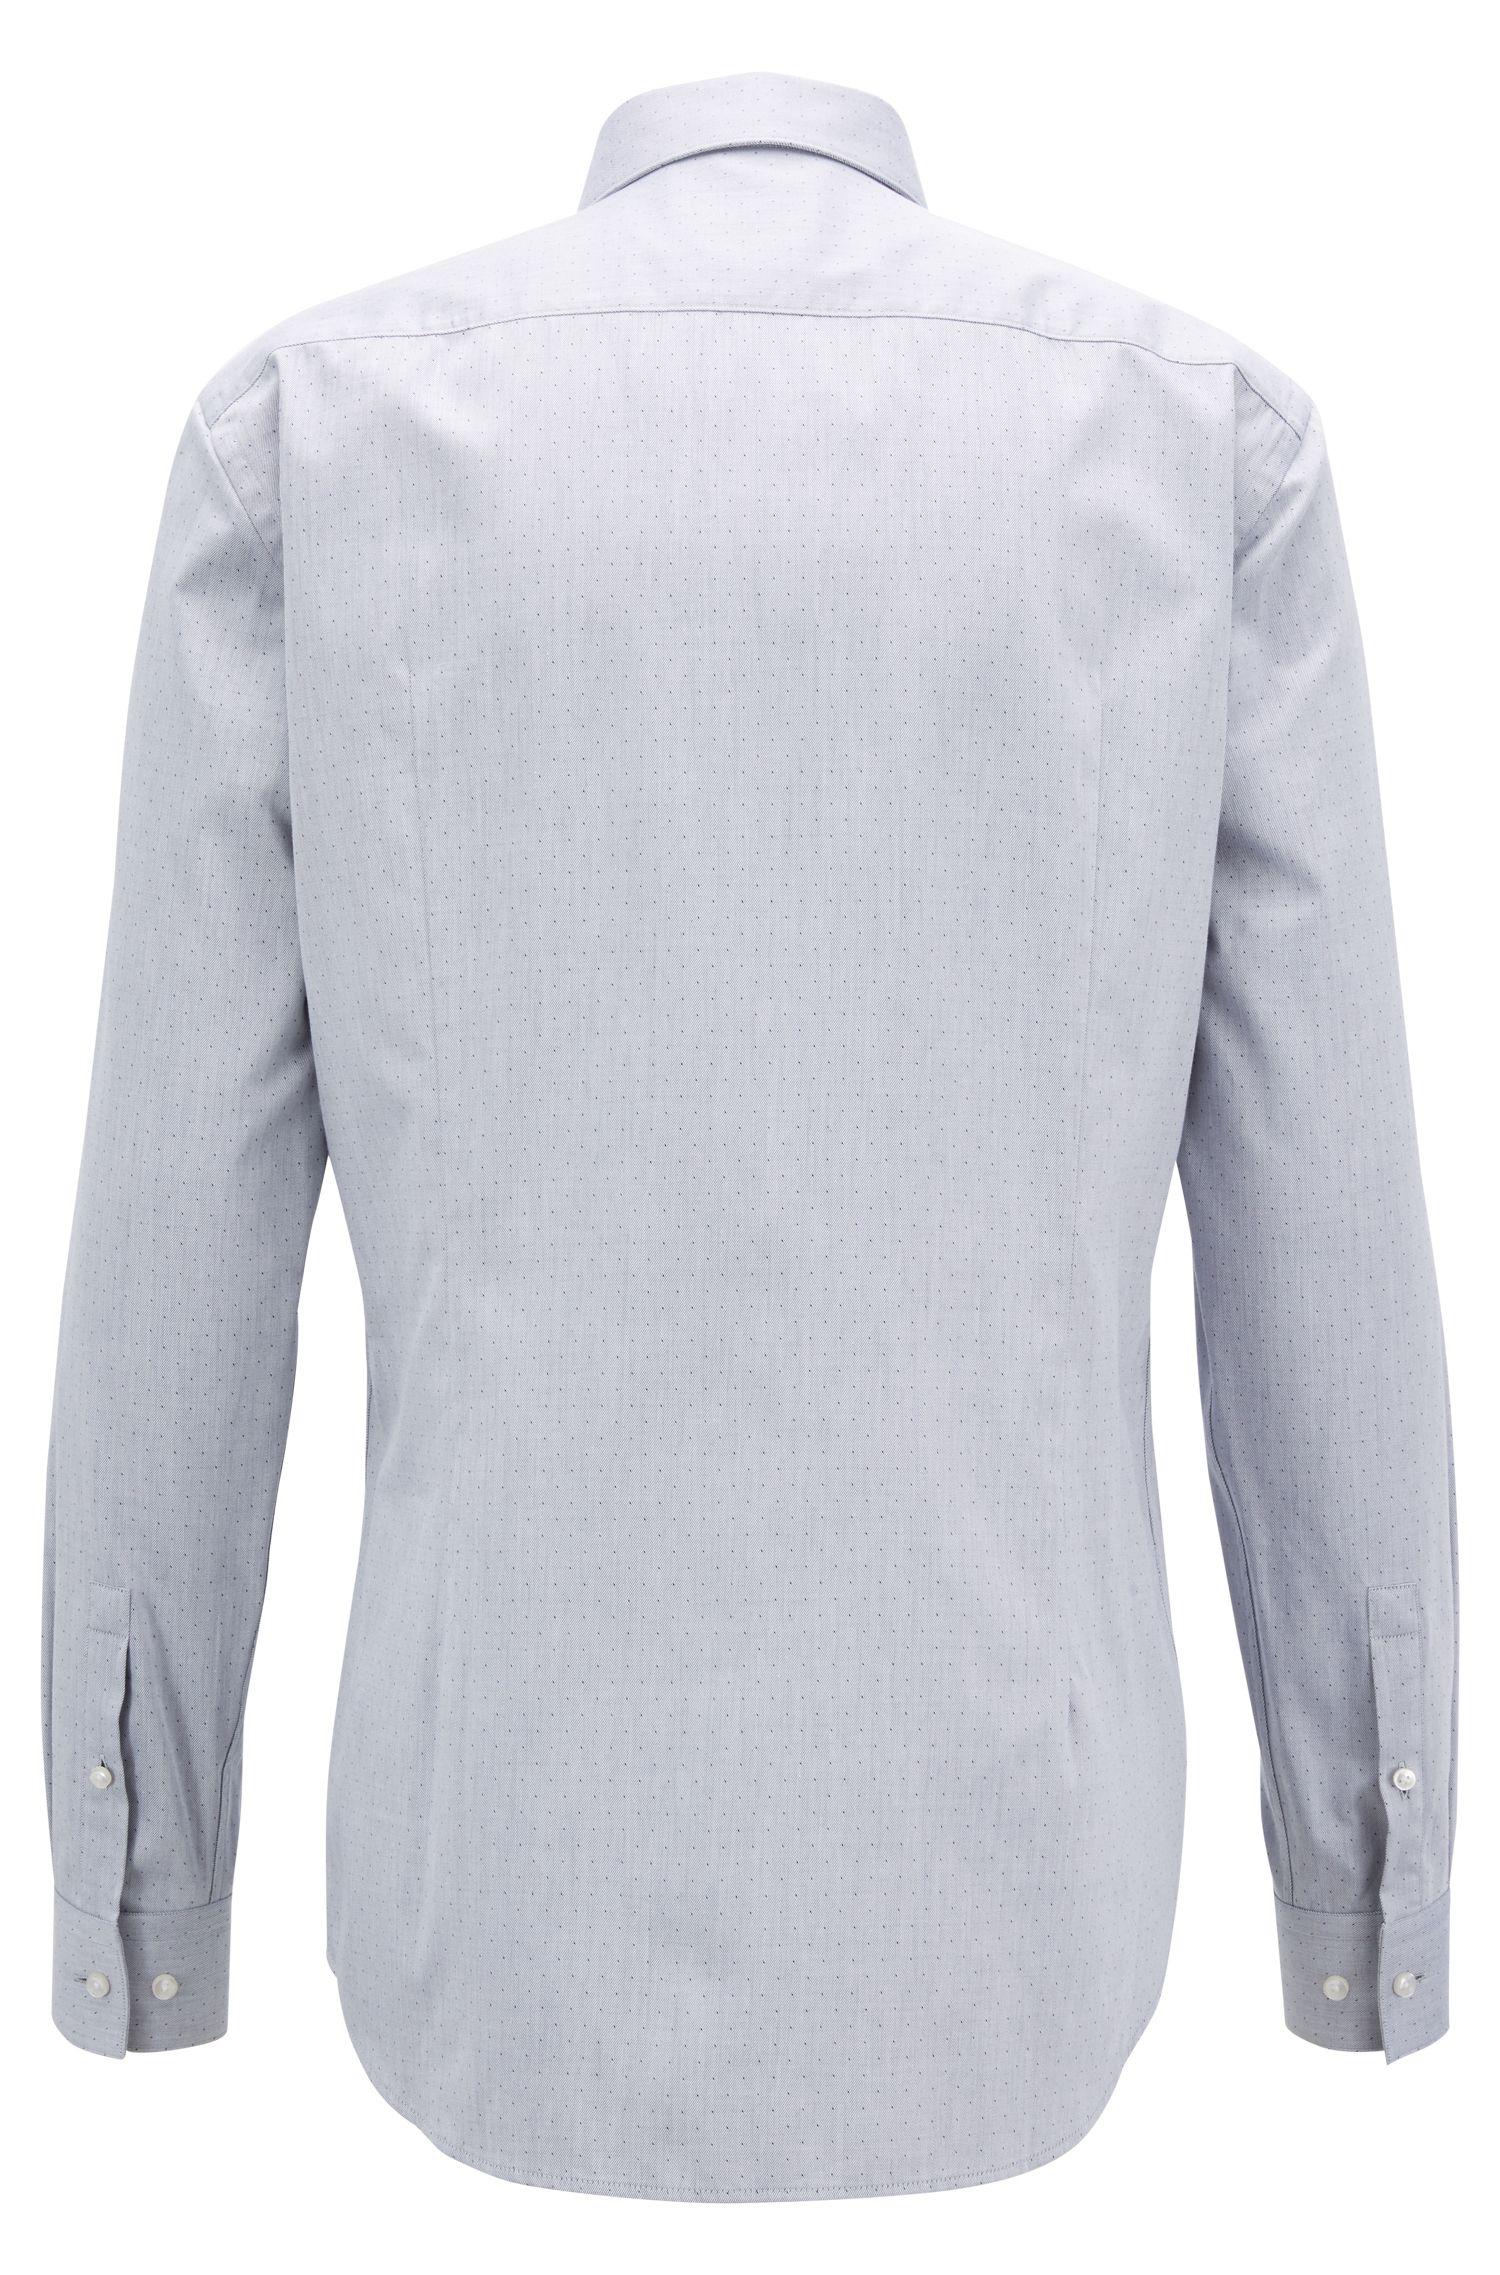 Slim-fit overhemd in een twill van dobbykatoen met aloë vera-finish